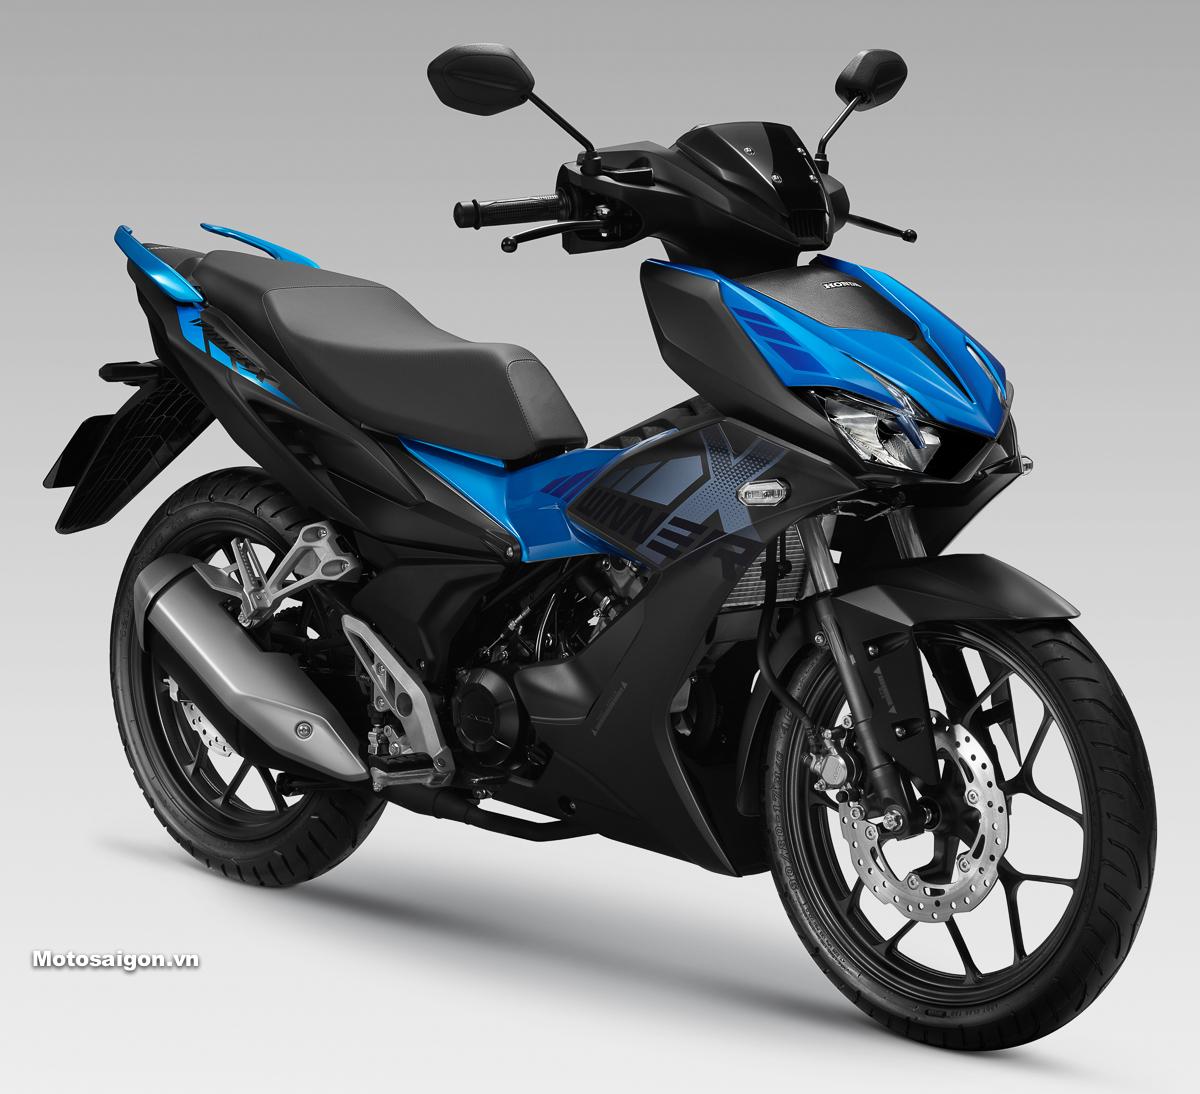 Giá xe Honda Winner X phiên bản thể thao màu Xanh Đen: 45.990.000đ